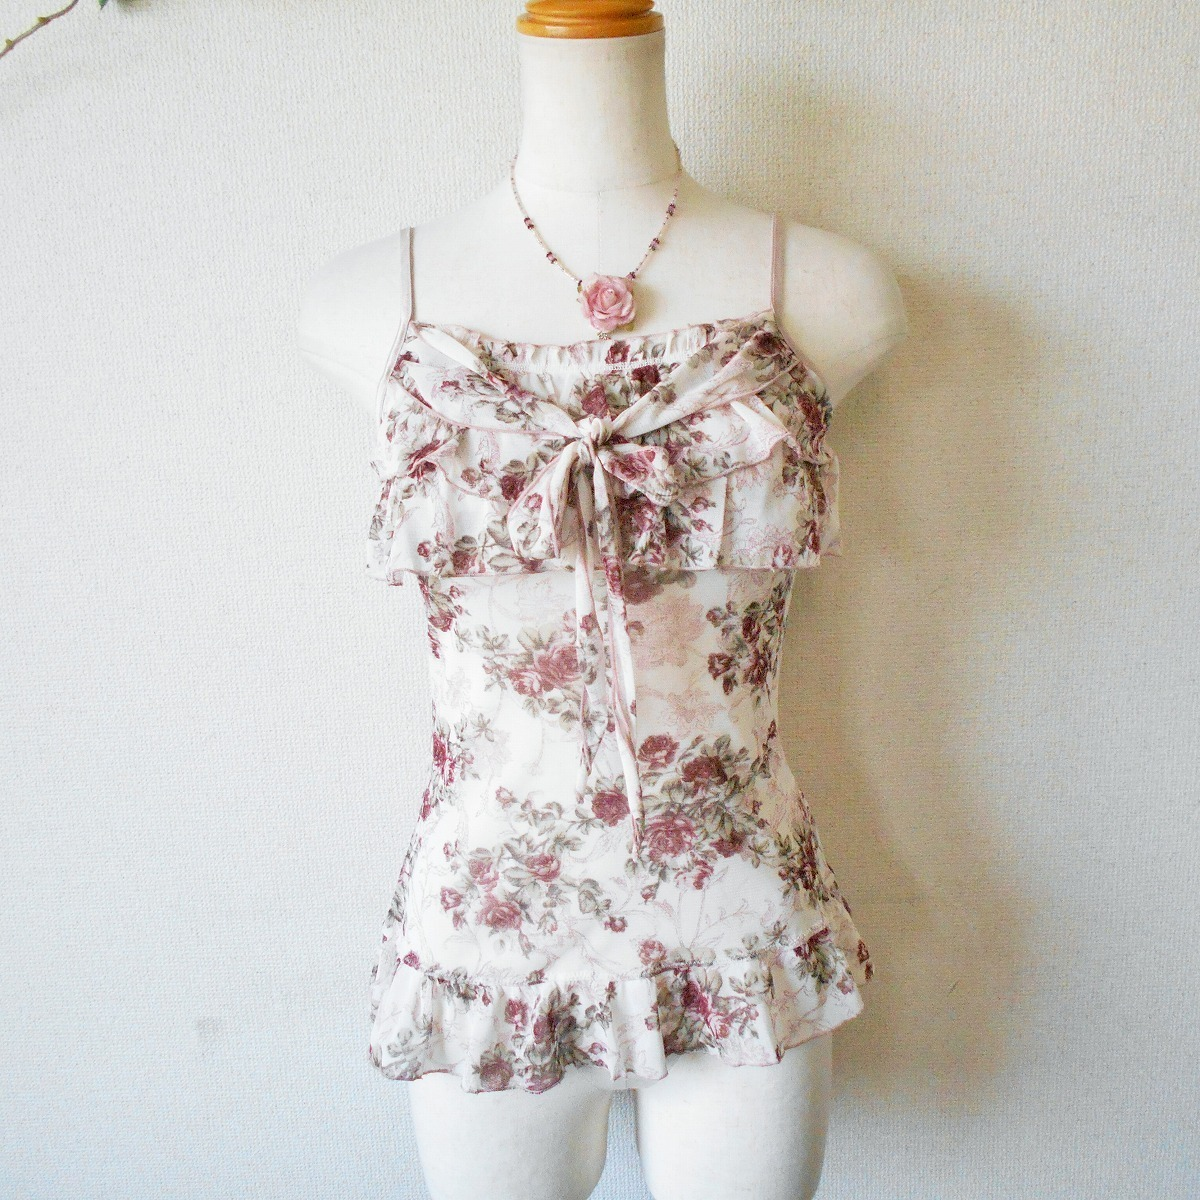 レストローズ LEST ROSE 胸元 フリル の 可愛い チュール キャミソール 日本製 M_画像1